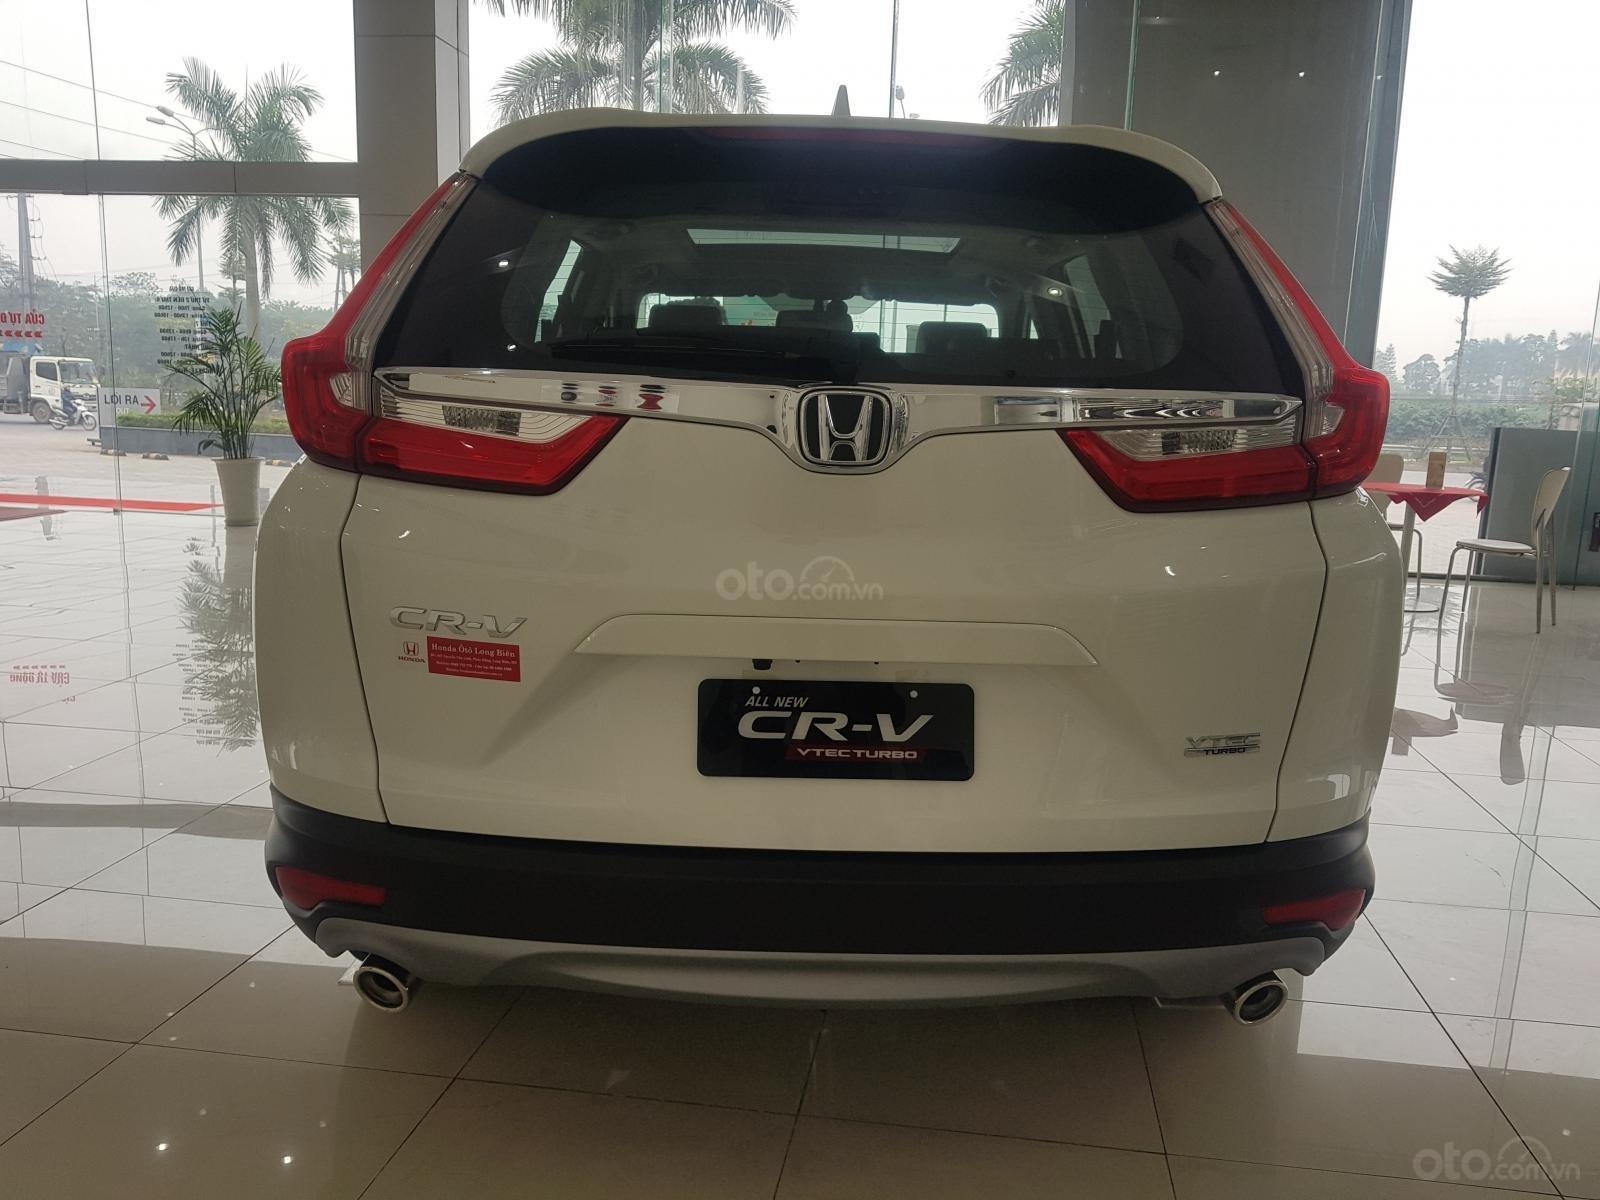 Bán Honda CRV 2019 nhập khẩu, 7 chỗ, giao ngay đủ màu, khuyến mại phụ kiện - LH: 0833578866-5